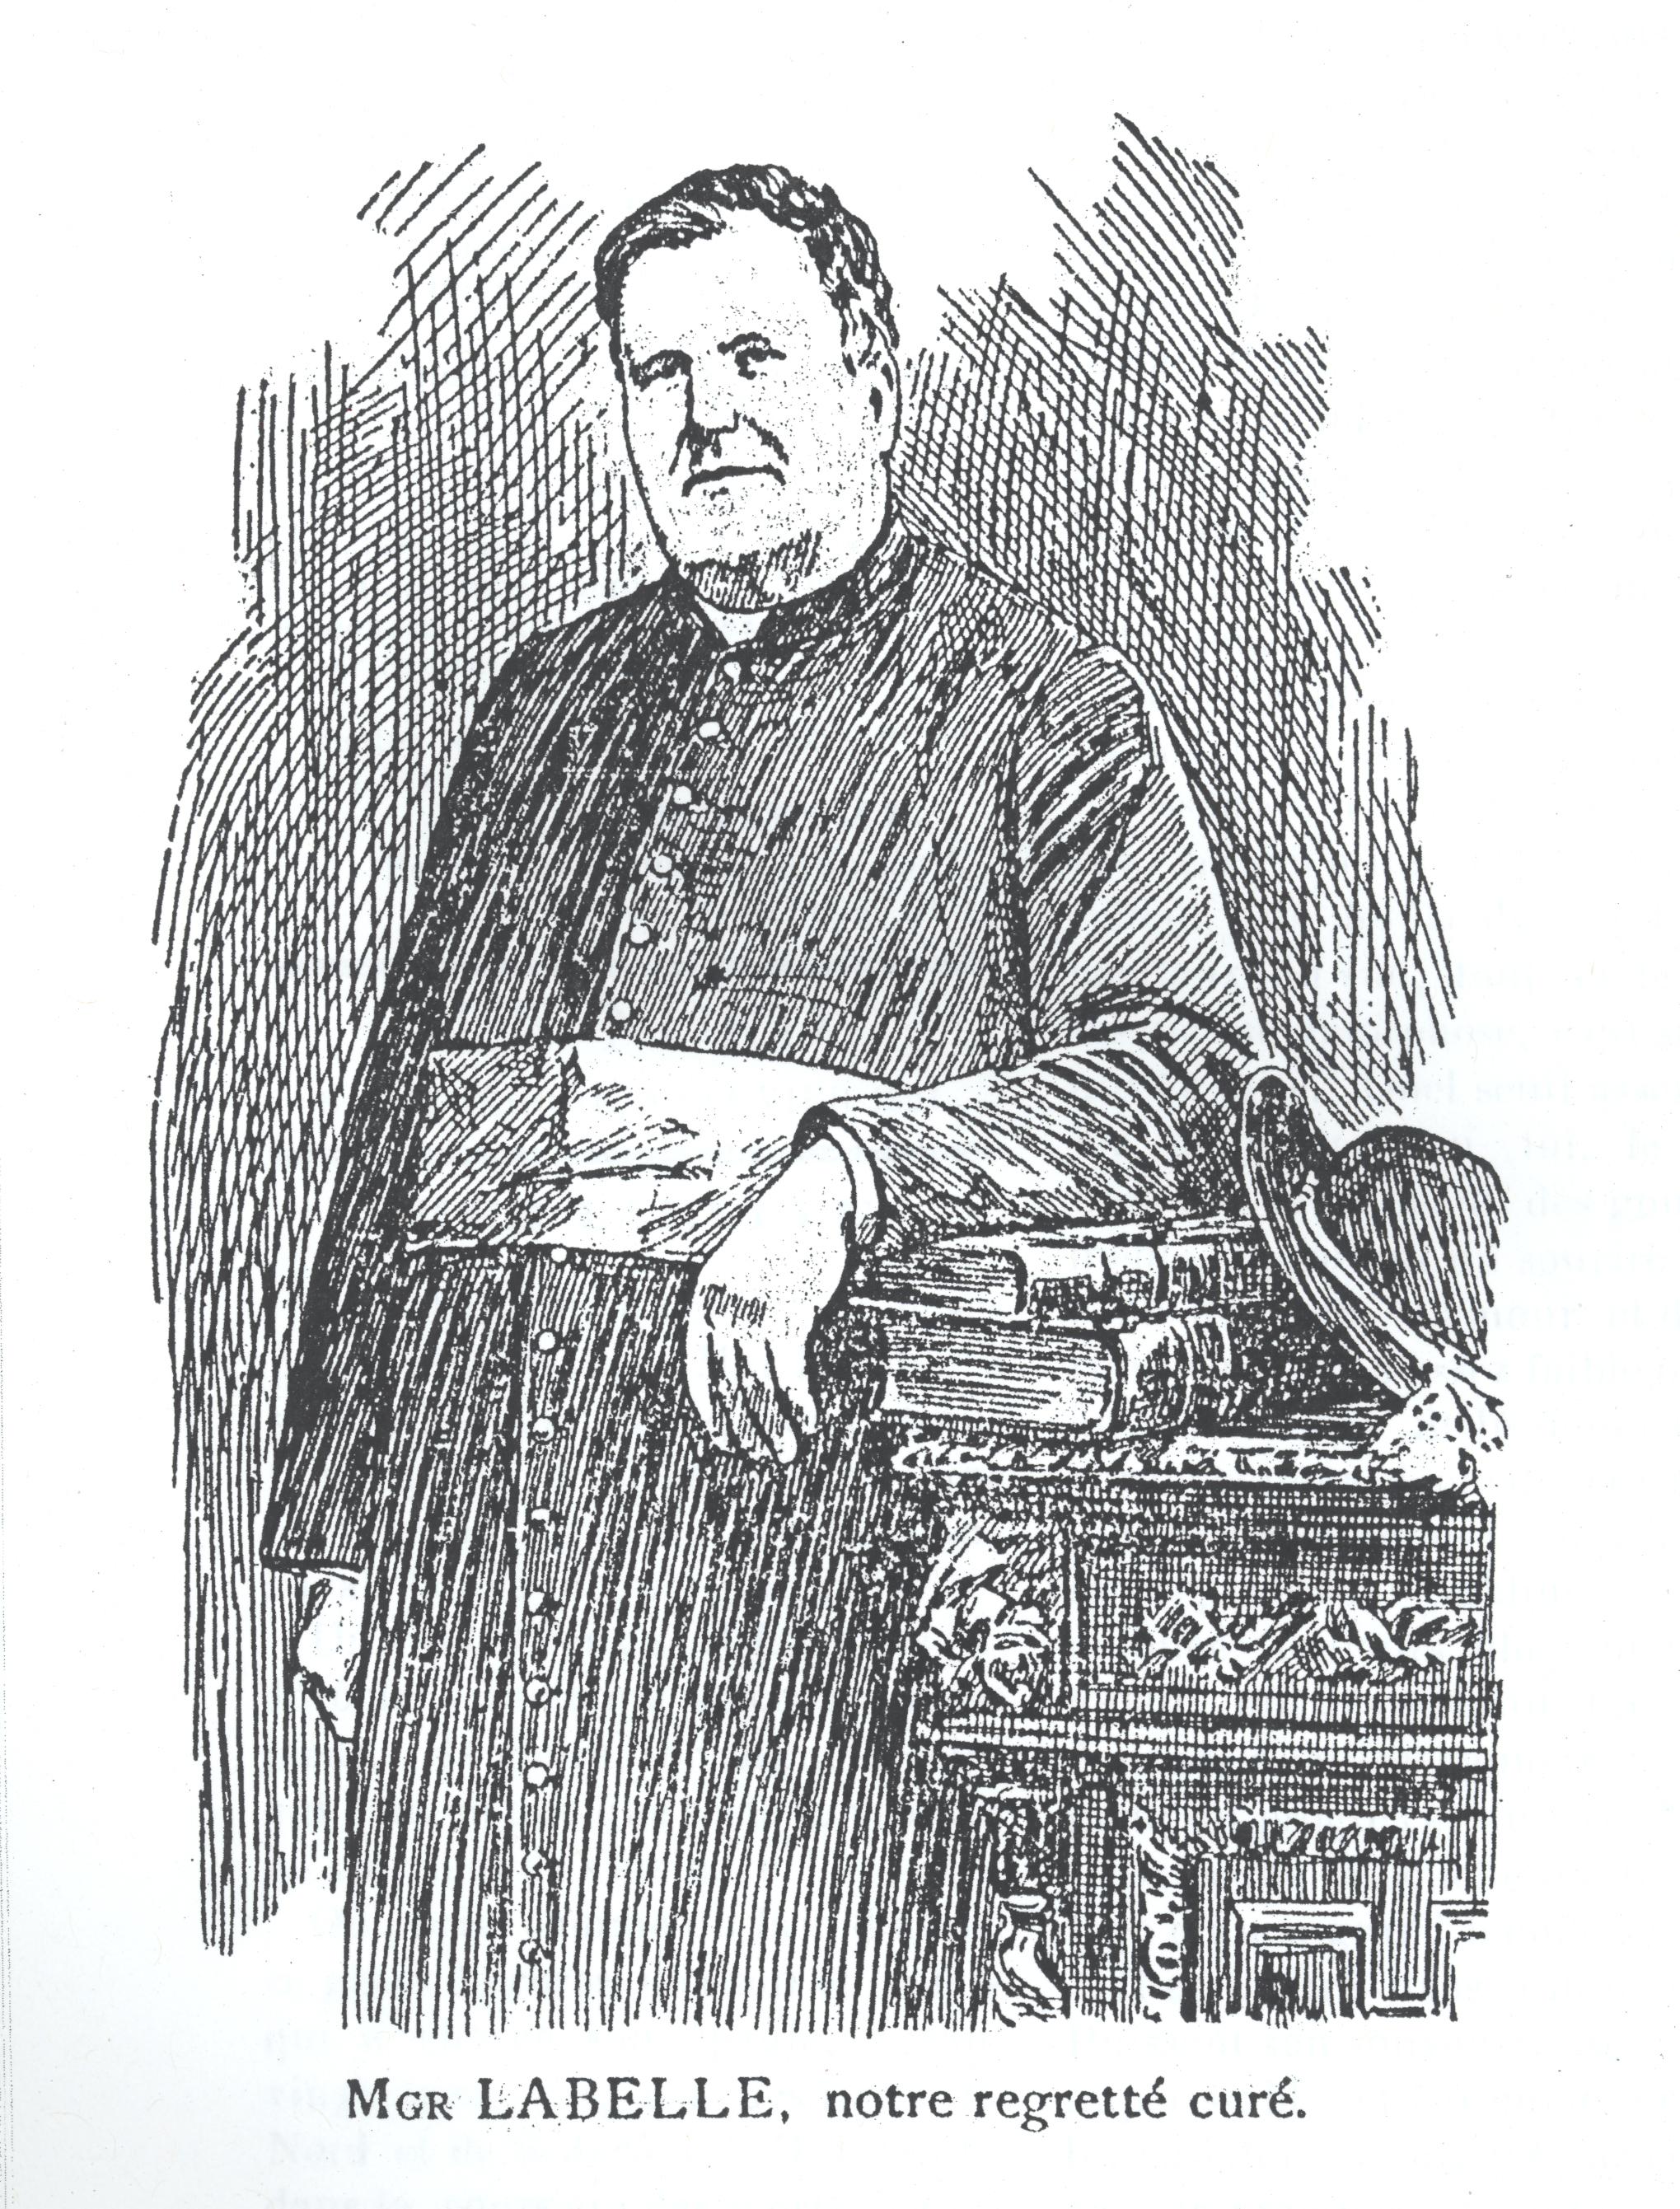 Gravure à l'encre noire d'un prêtre. Celui-ci porte une soutane boutonnée, une large ceinture entoure sa taille, signe hiérarchique dans la religion catholique. L'homme dans la cinquantaine a les cheveux courts et bouclés. Il est debout et appuie un bras sur deux livres posés sur un meuble à sa gauche.